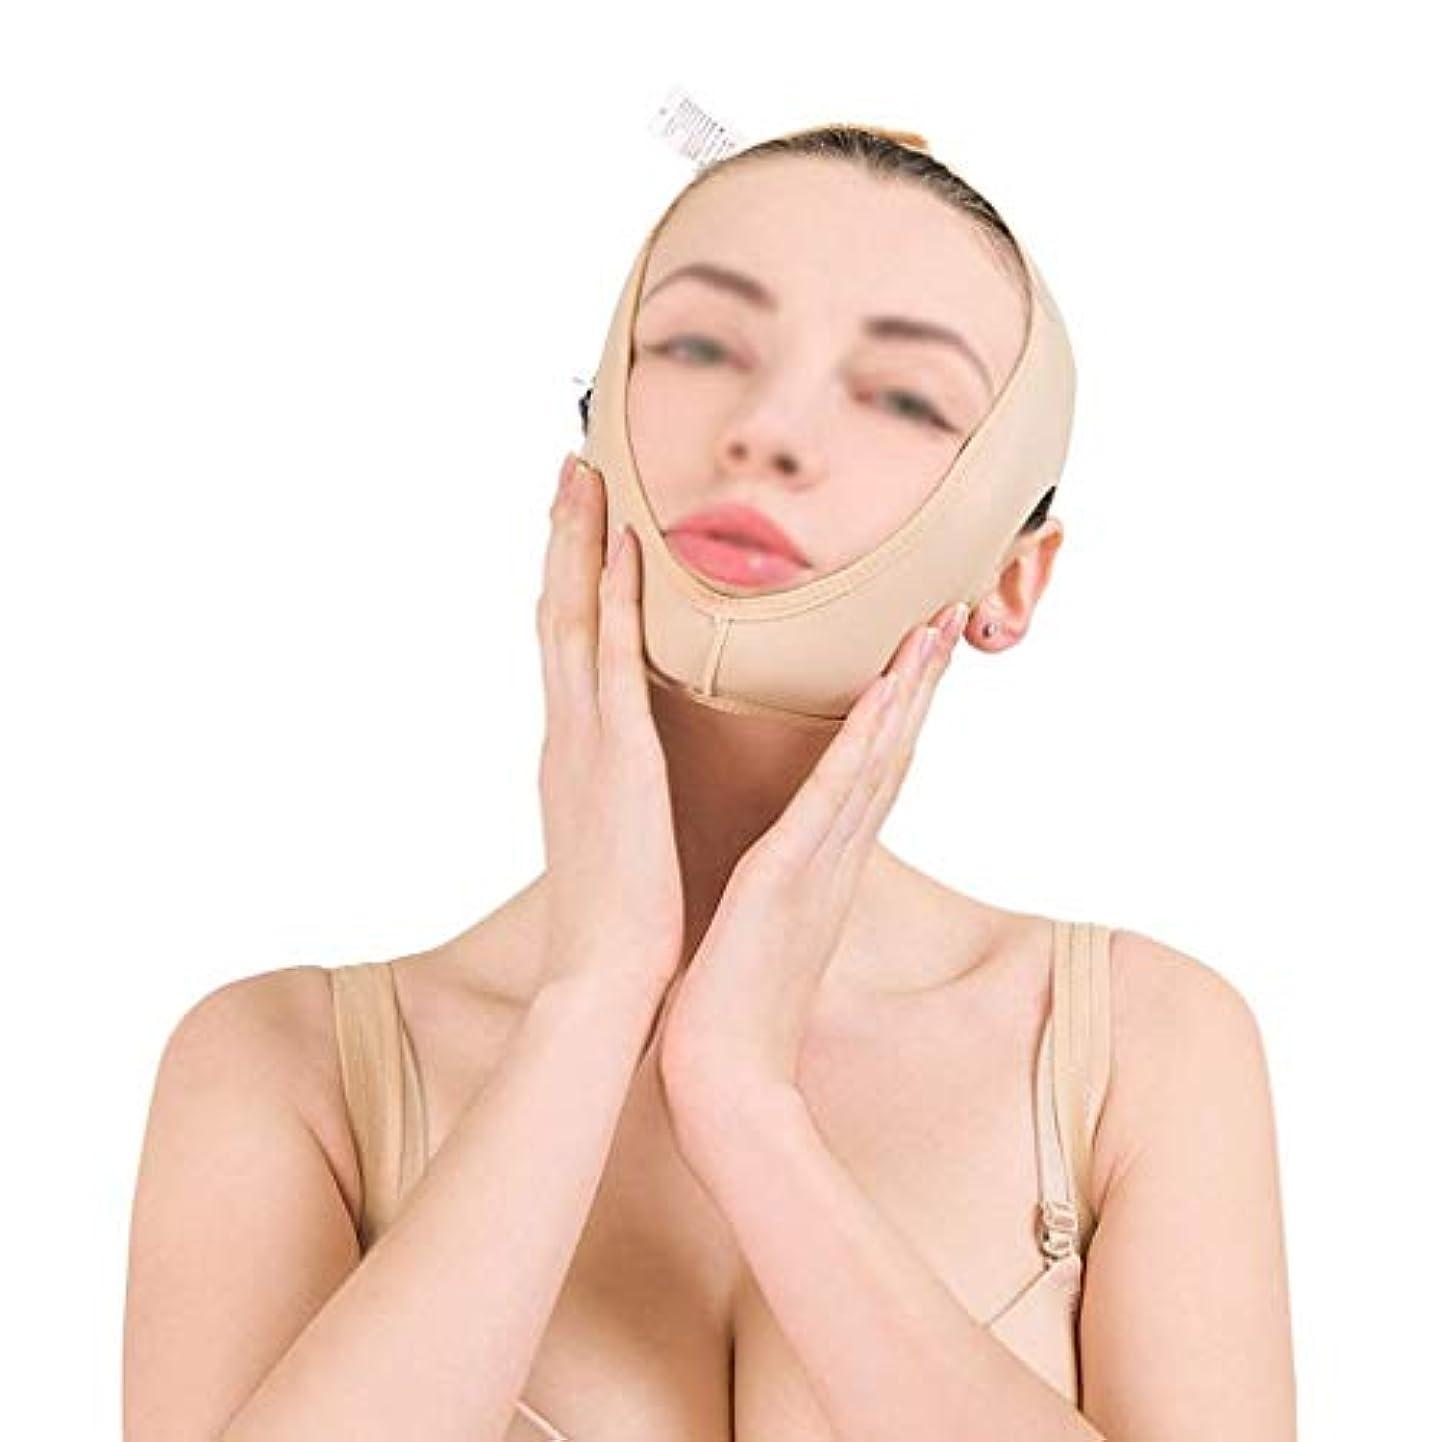 常習的実業家放散するマスク減量、肌の包帯を引き締めるリフティングフェイスバンド、フェイスリフティング、ダブルチンビューティバンデージ、フェイスリフト(サイズ:L),S